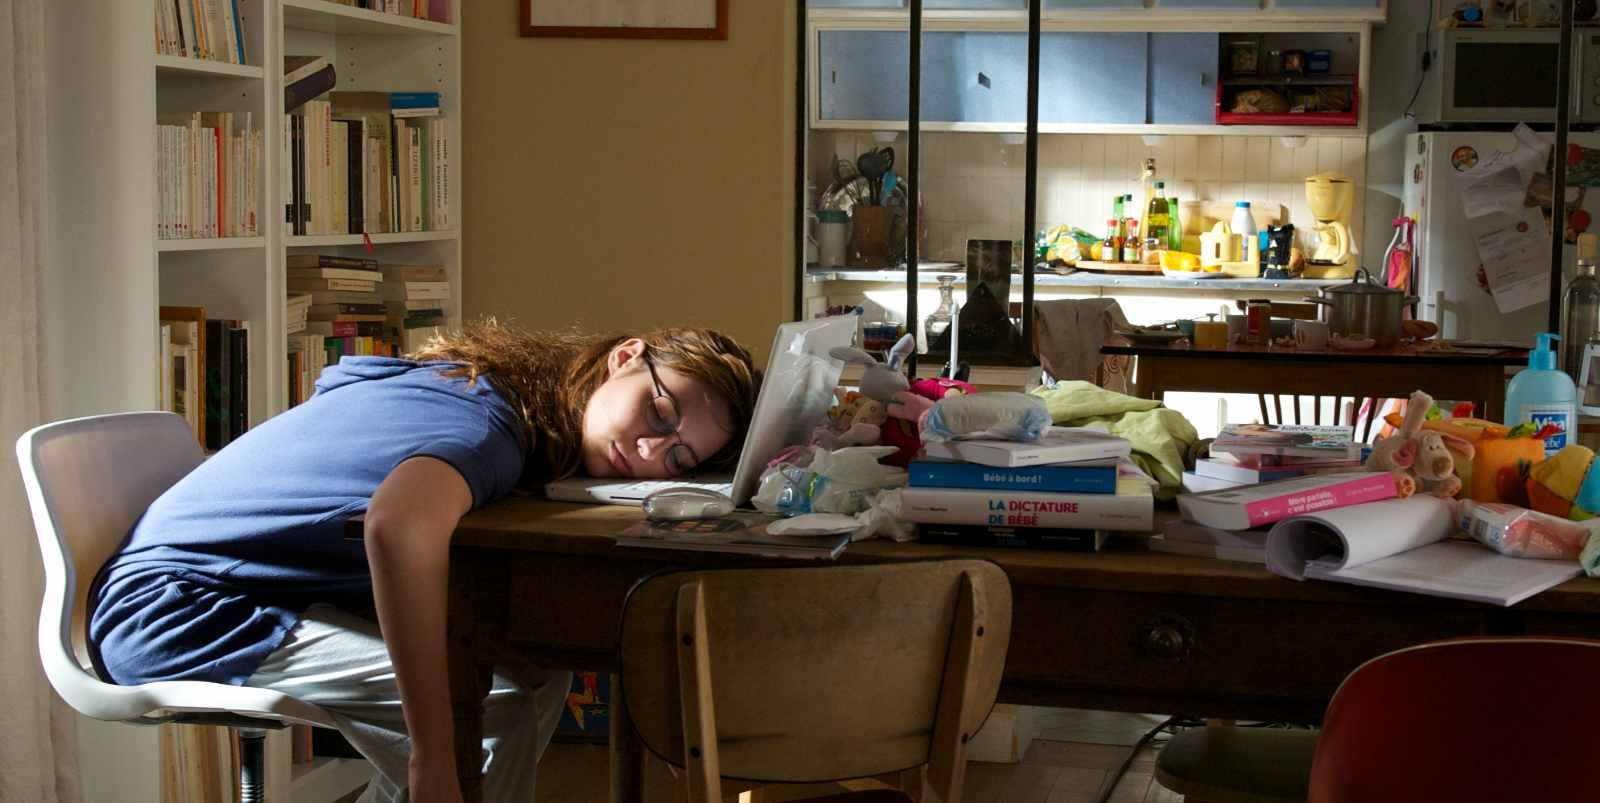 Nuits blanches : elles seraient très mauvaises pour notre cerveau